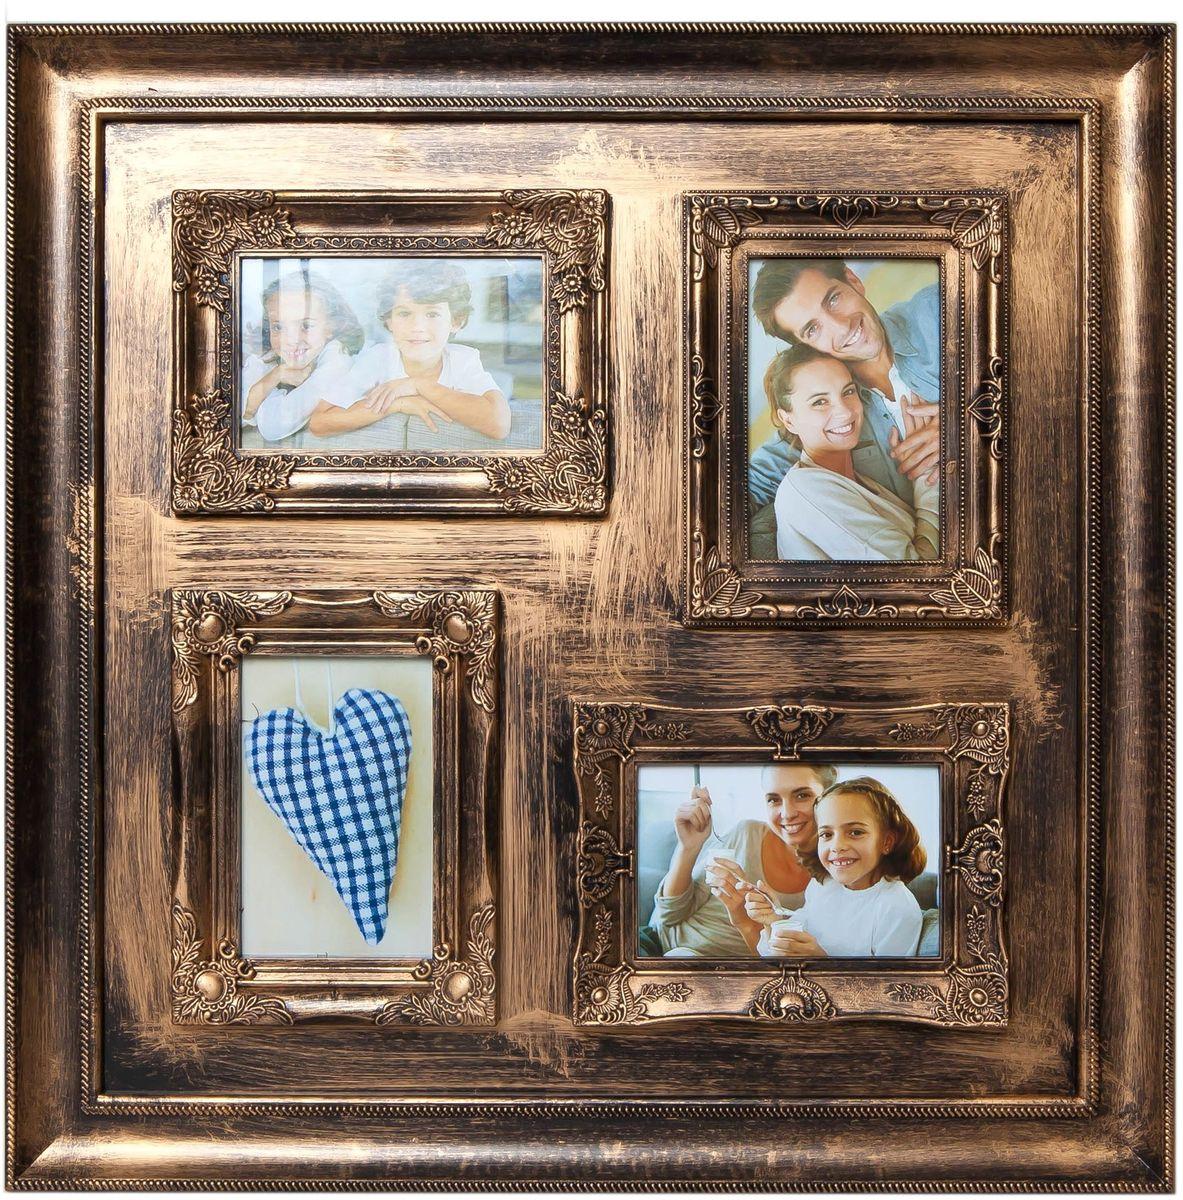 Фоторамка Platinum, цвет: золотистый, на 4 фото 10 х 15 смPLATINUM BIN-112134 Золотой (Gold)Фоторамка Platinum - прекрасный способ красиво оформить ваши фотографии. Фоторамка выполнена из пластика и защищена стеклом. Фоторамка-коллаж оригинального дизайна представляет собой фоторамку на четыре фото одного размера. Такая фоторамка поможет сохранить в памяти самые яркие моменты вашей жизни, а стильный дизайн сделает ее прекрасным дополнением интерьера комнаты. Фоторамка подходит для фотографий 10 х 15 см. Общий размер фоторамки: 53 х 53 см.